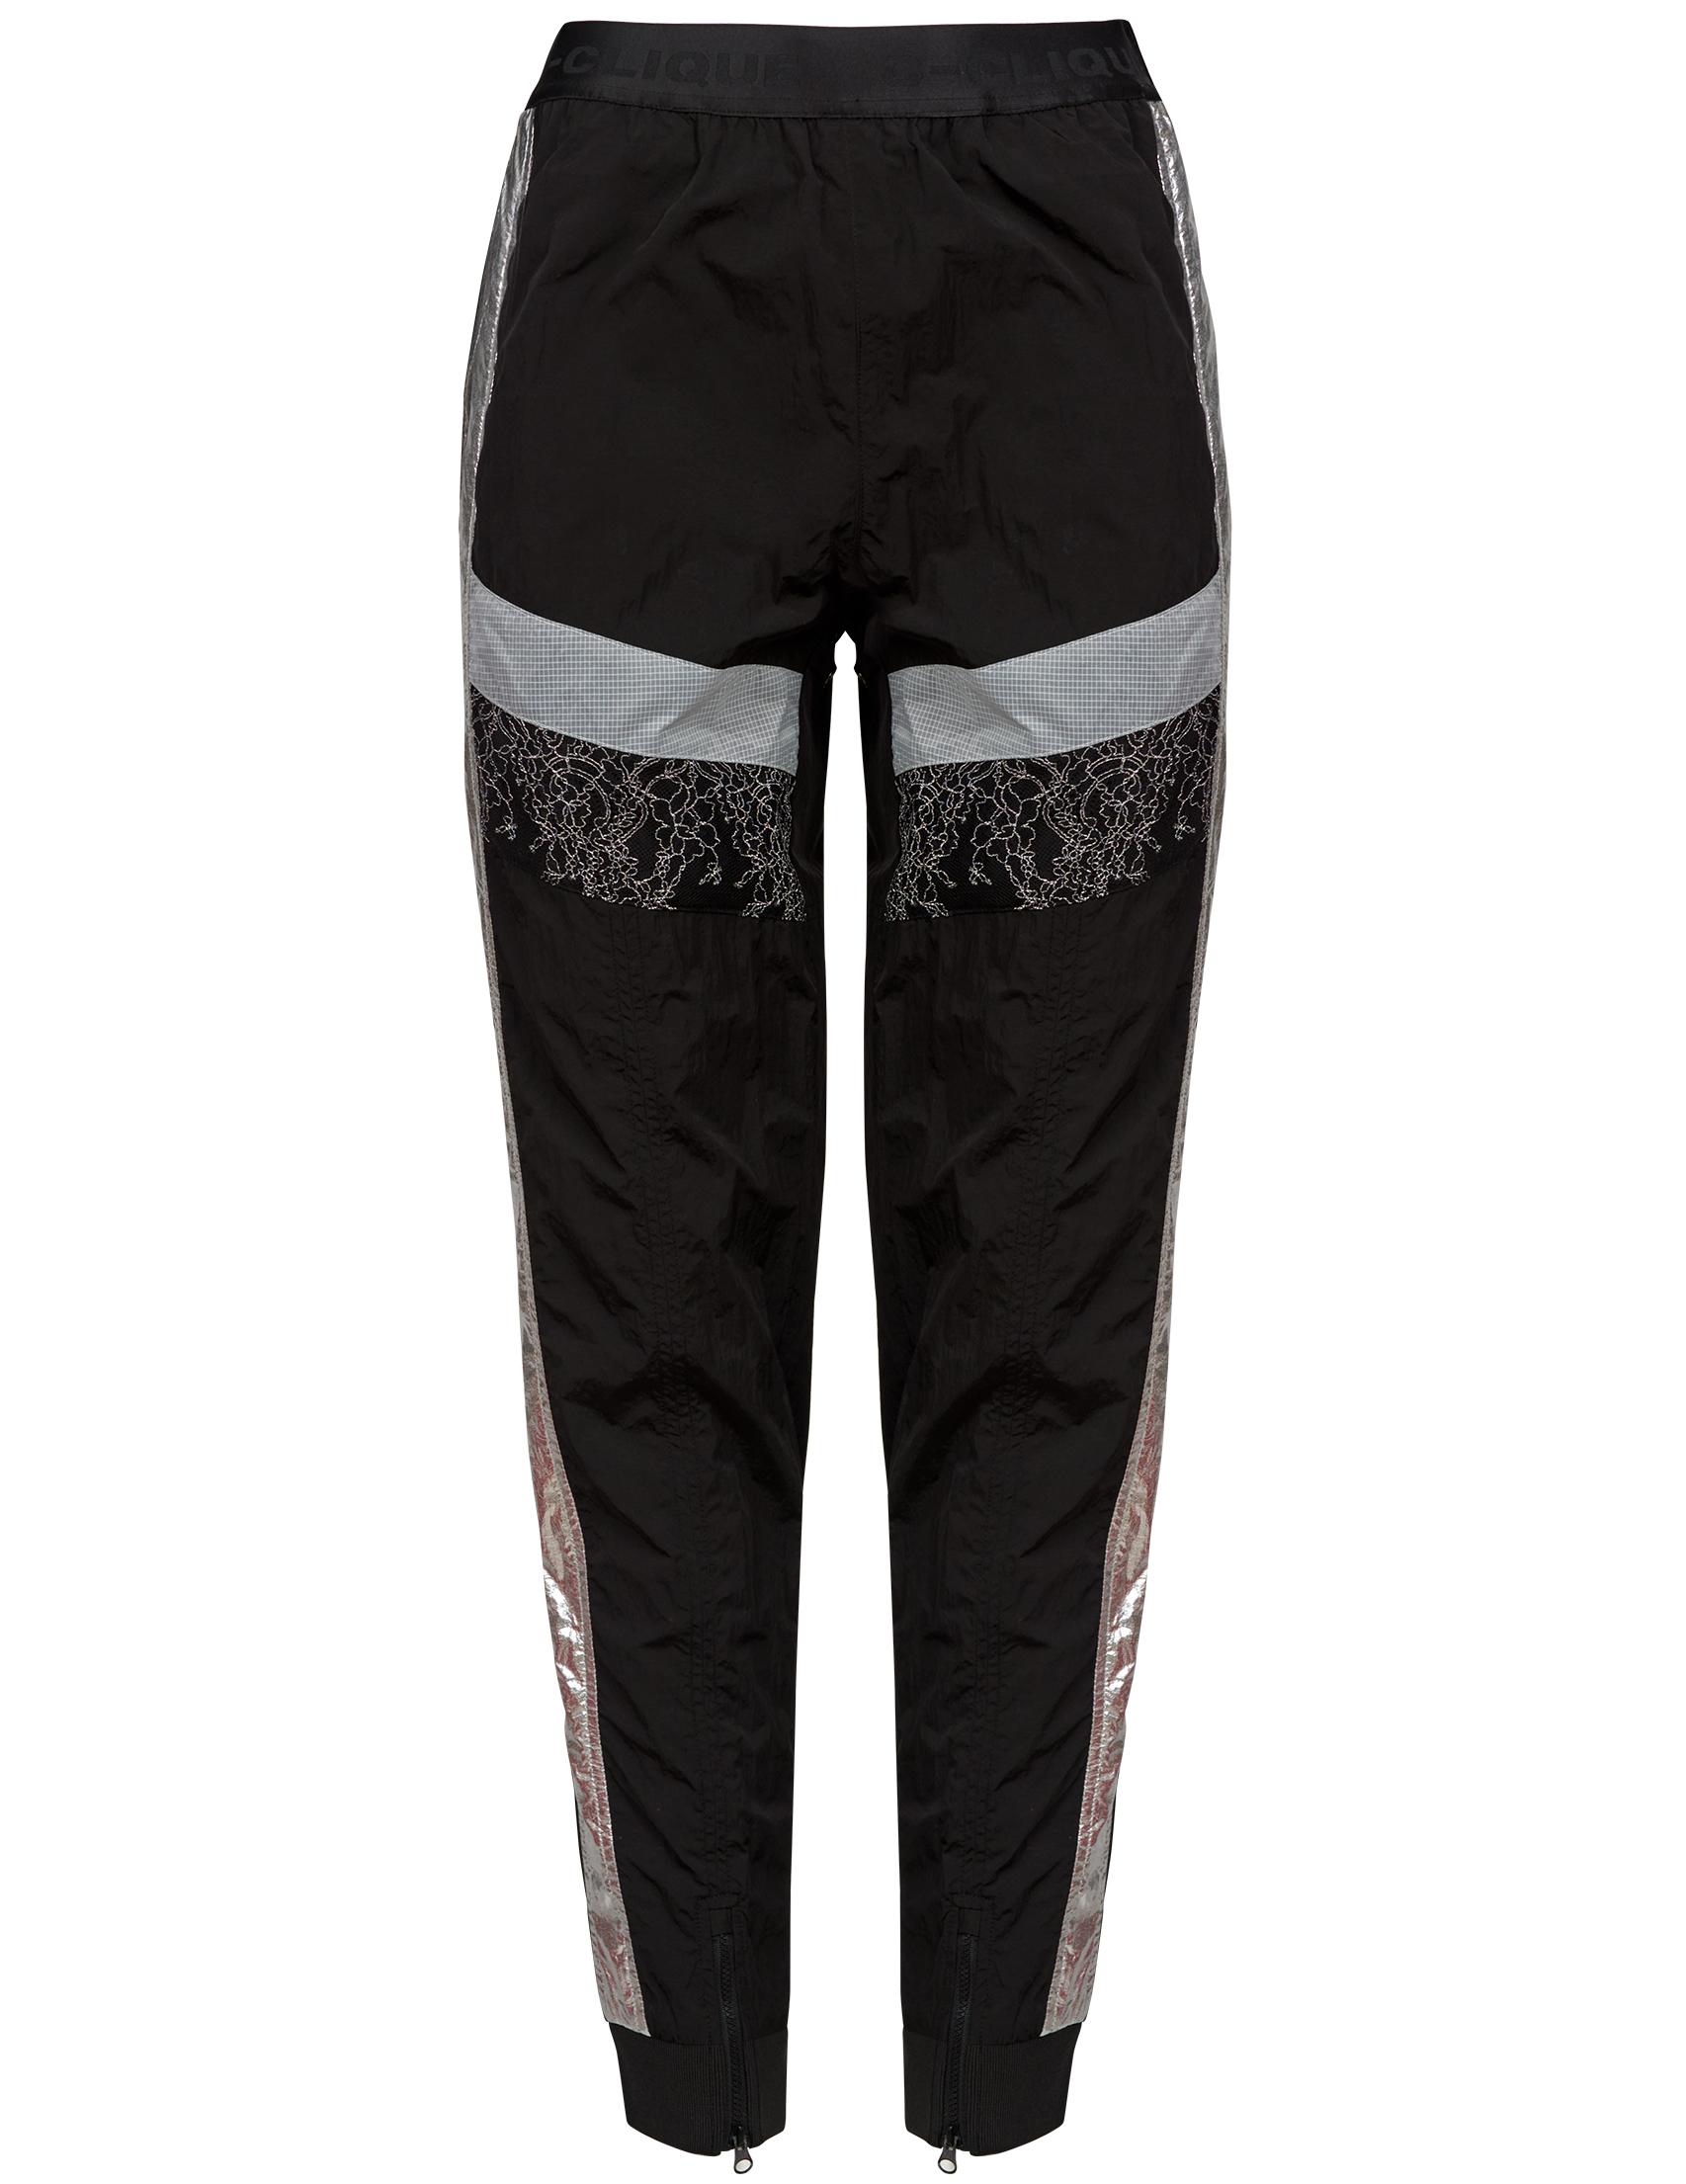 Купить Спортивные брюки, PINKO, Черный, 100%Нейлон, Весна-Лето